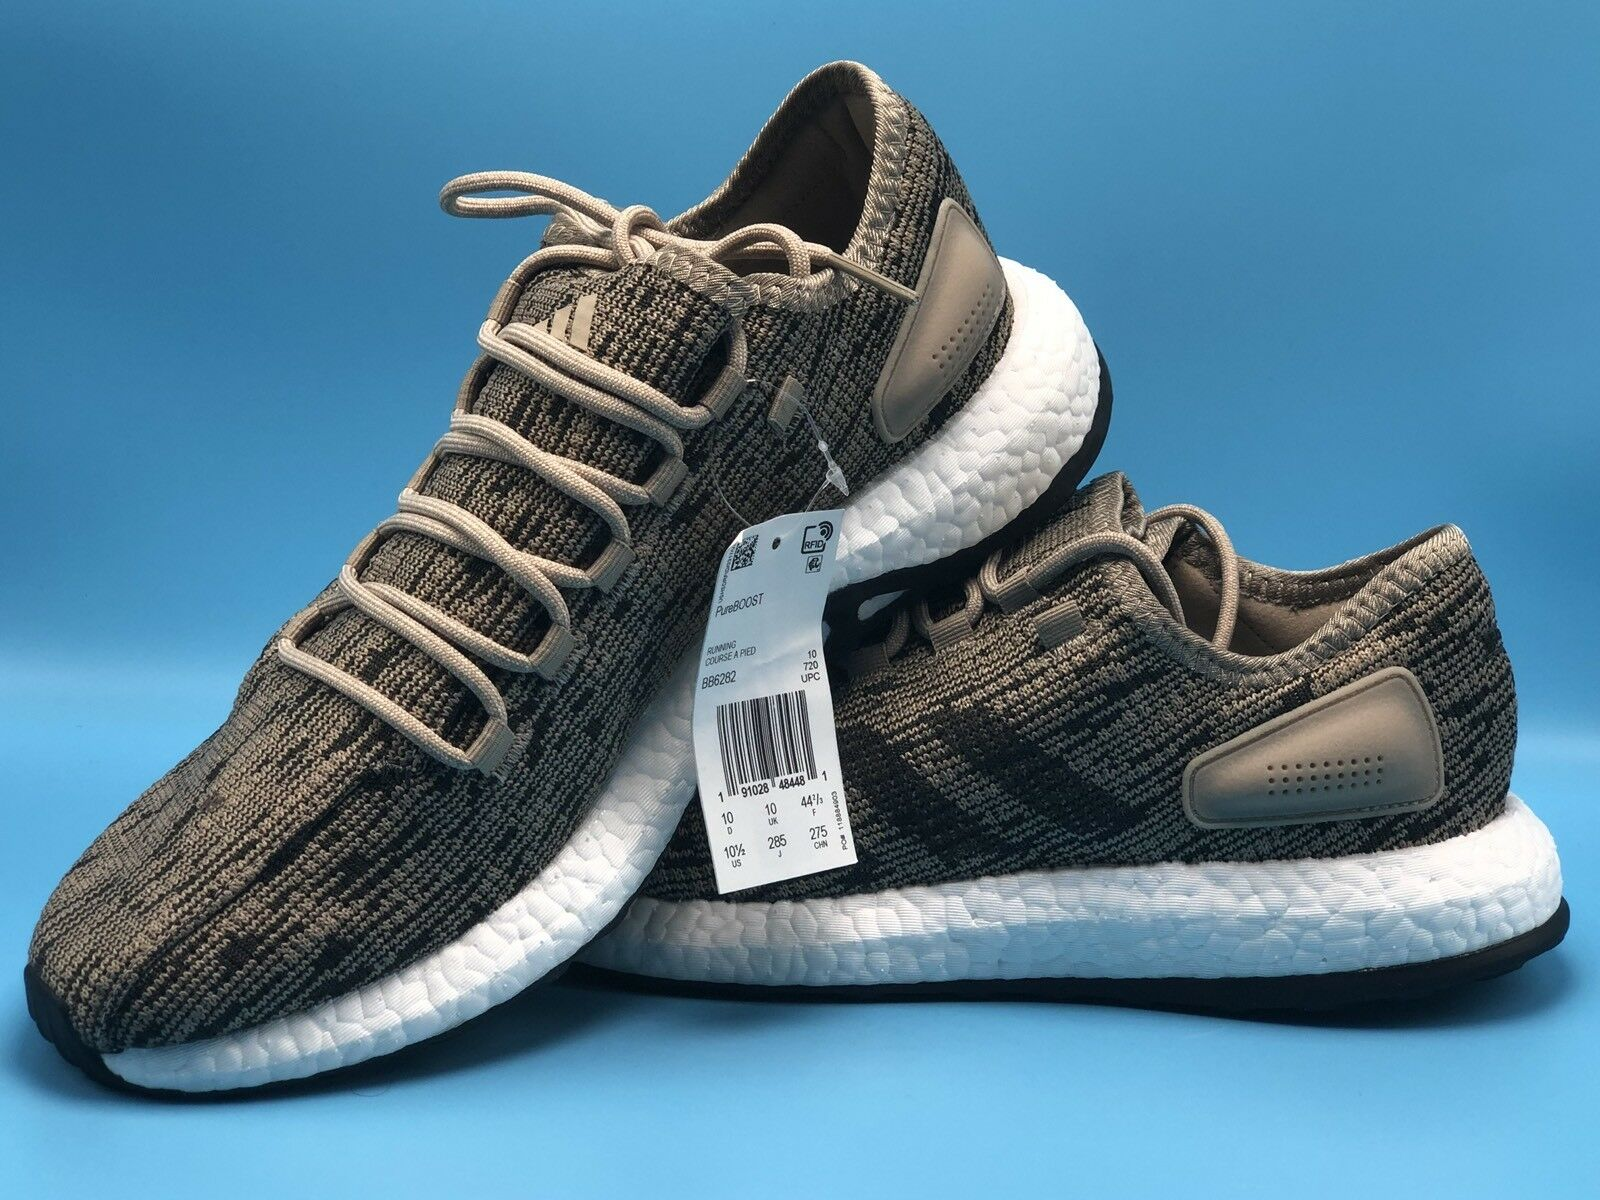 adidas sehr pureboost dpr größe 10 1 / 2 laufschuhe sehr adidas wohl spuren khaki - bada41